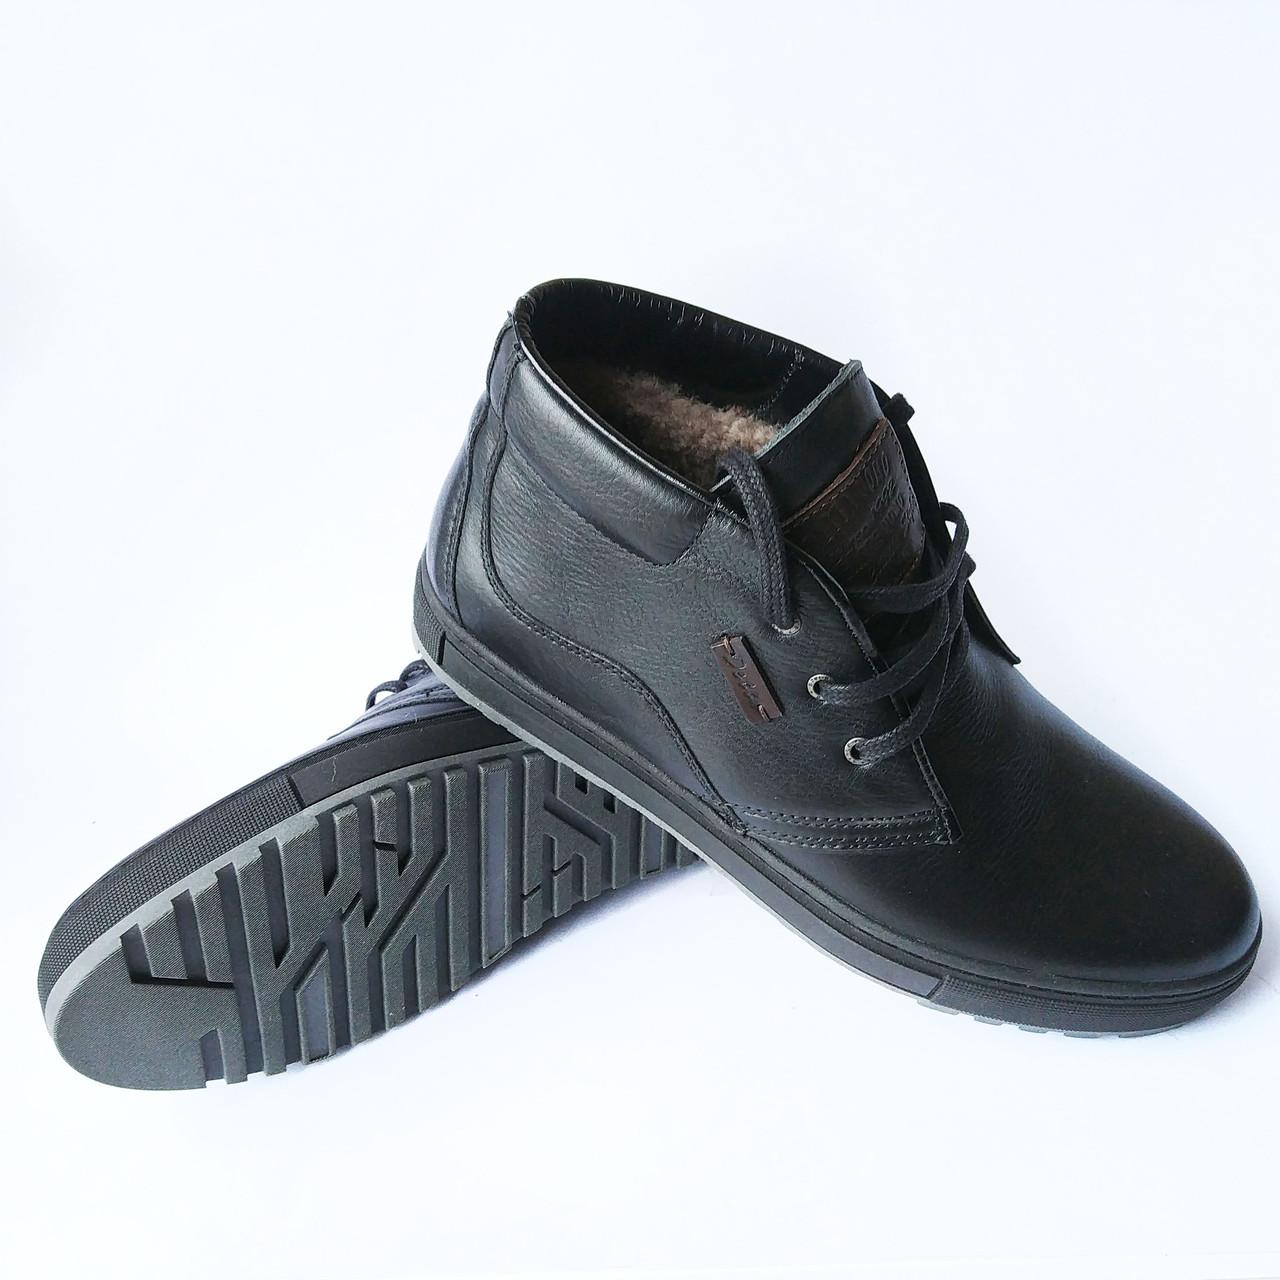 eaf182fe2 Зимняя мужская обувь Detta Харьков : черные ботинки, кожаные, на  натуральном меху - Интернет